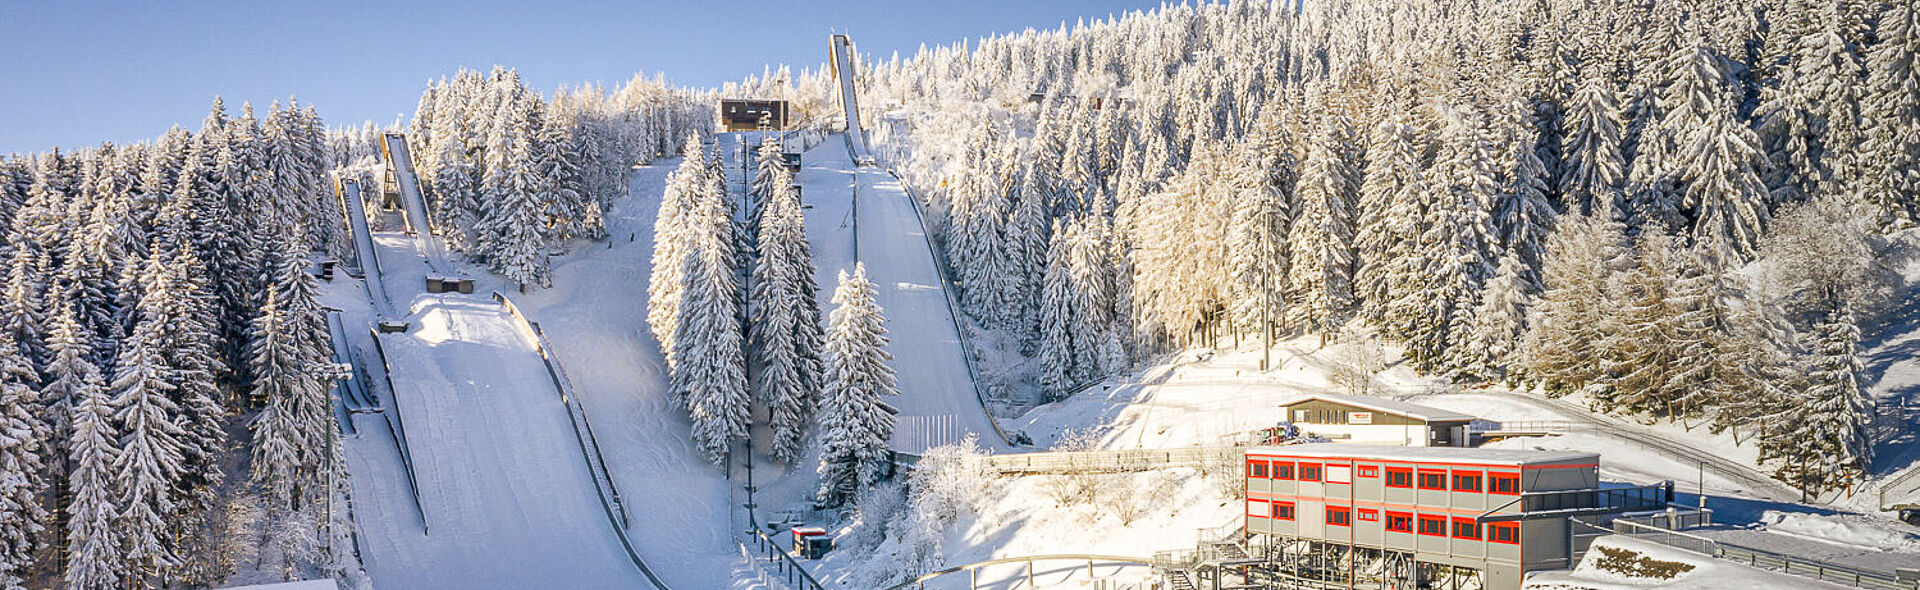 Schanze Oberwiesenthal Trainingszentrum Skisprung Skispringen Fichtelbergschanze Nordische Kombination